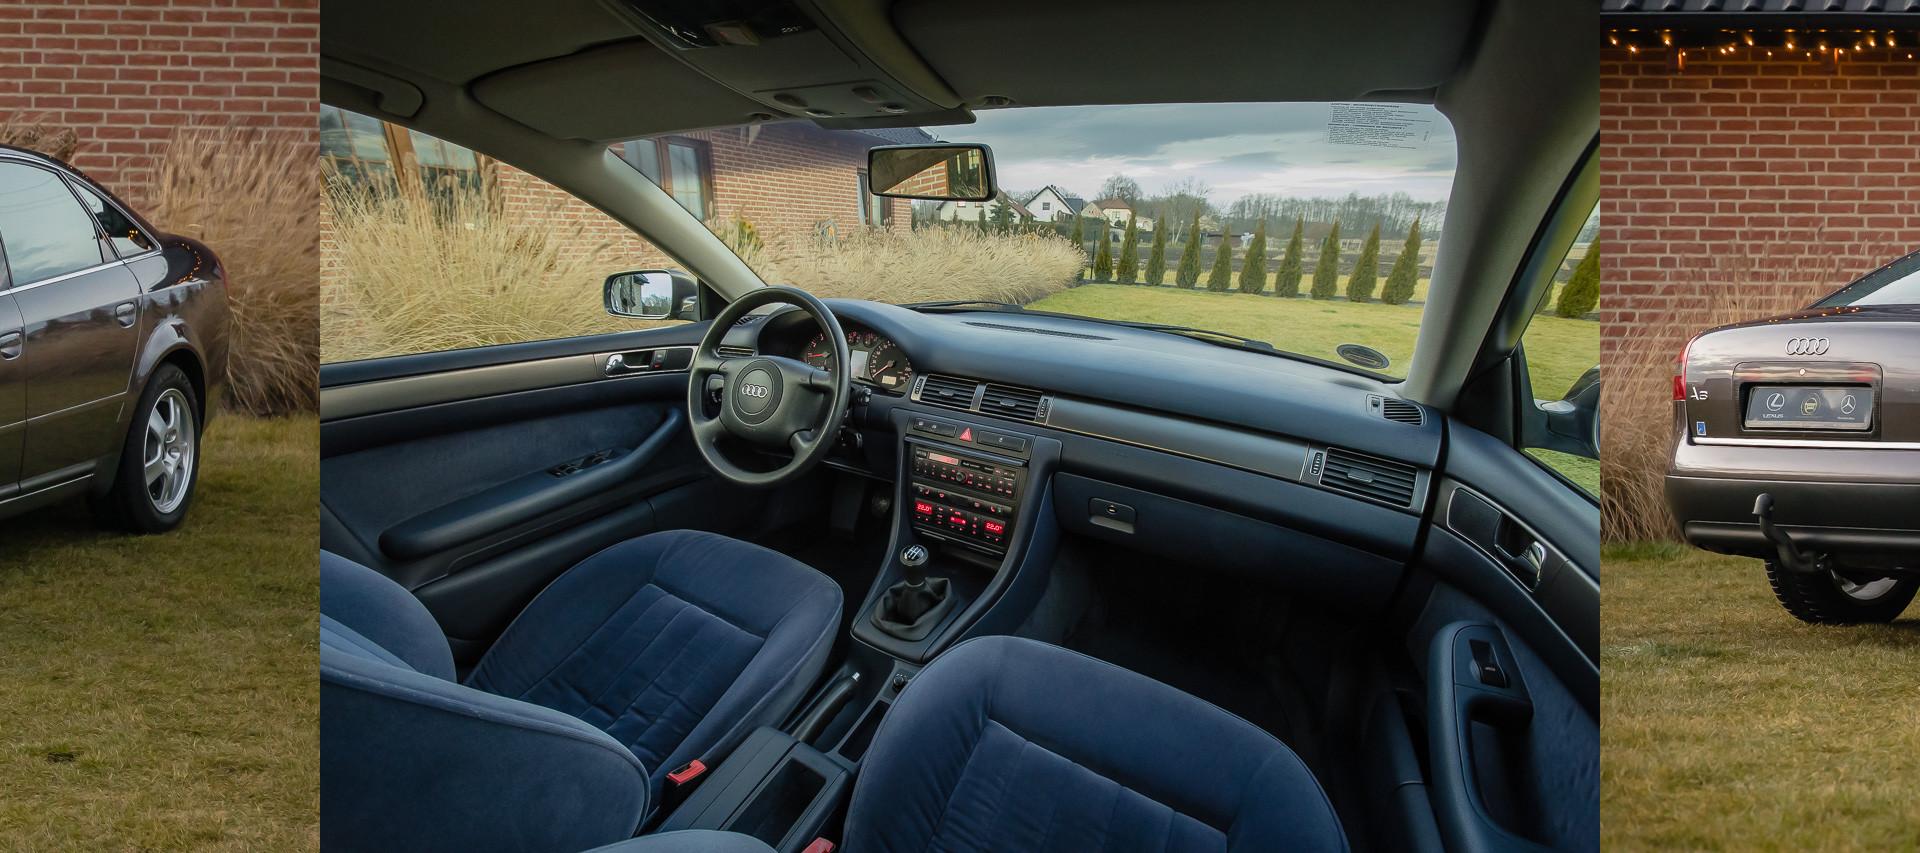 Audi A6 2.4 C5 sedan